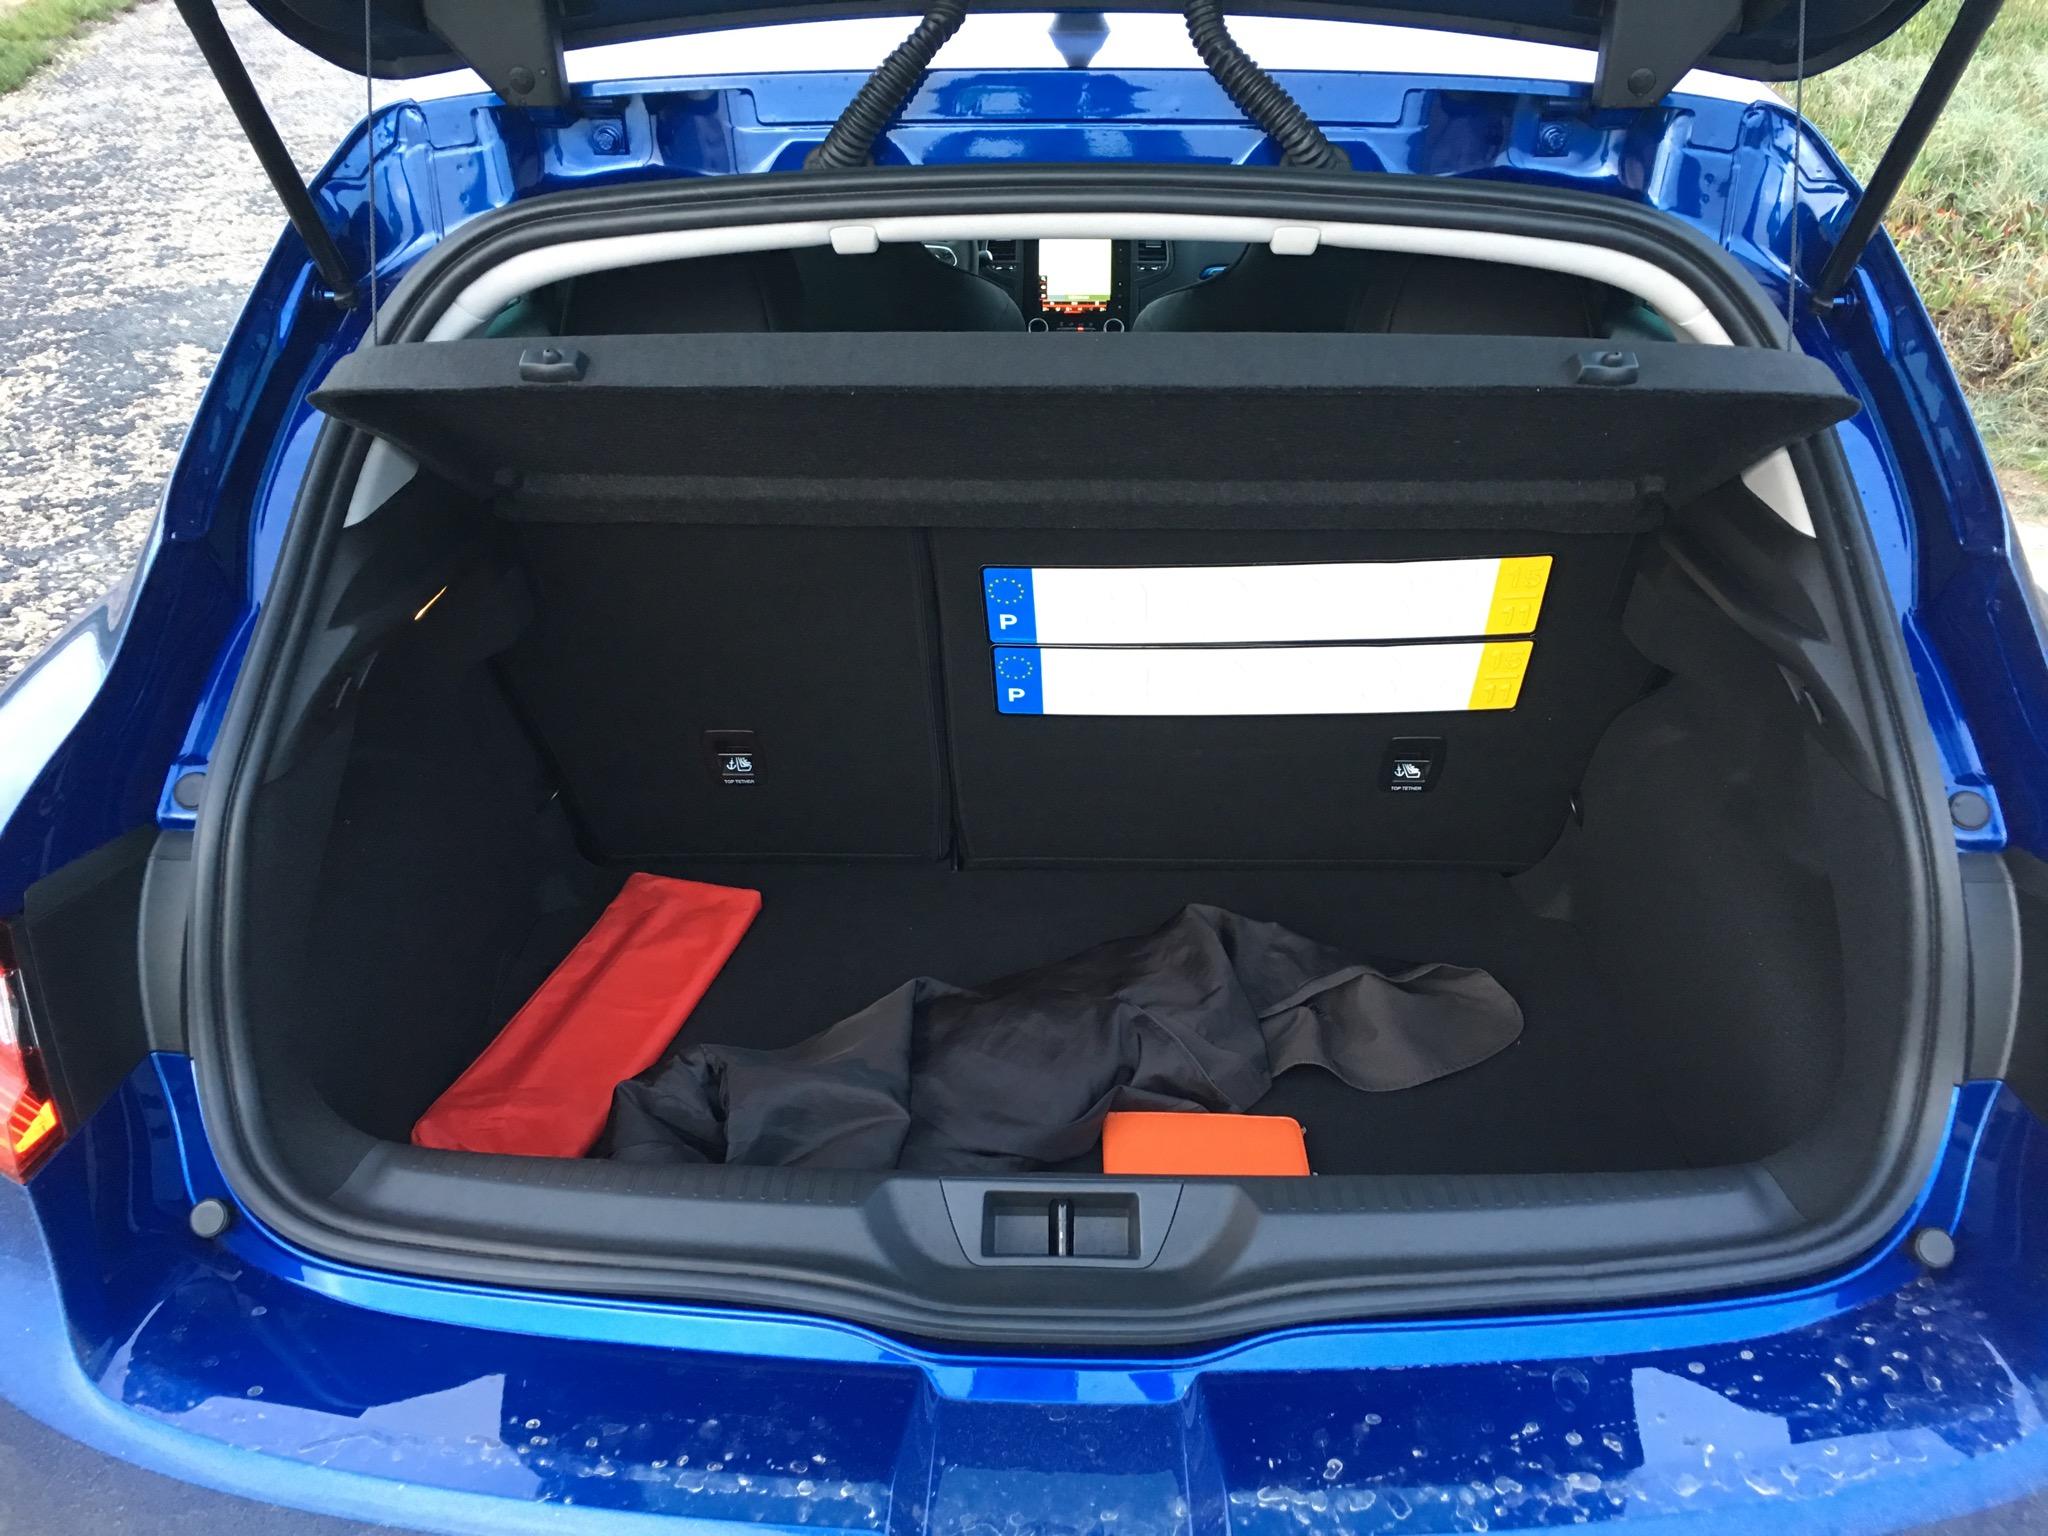 2016 Renault Megane GT Trunk Space